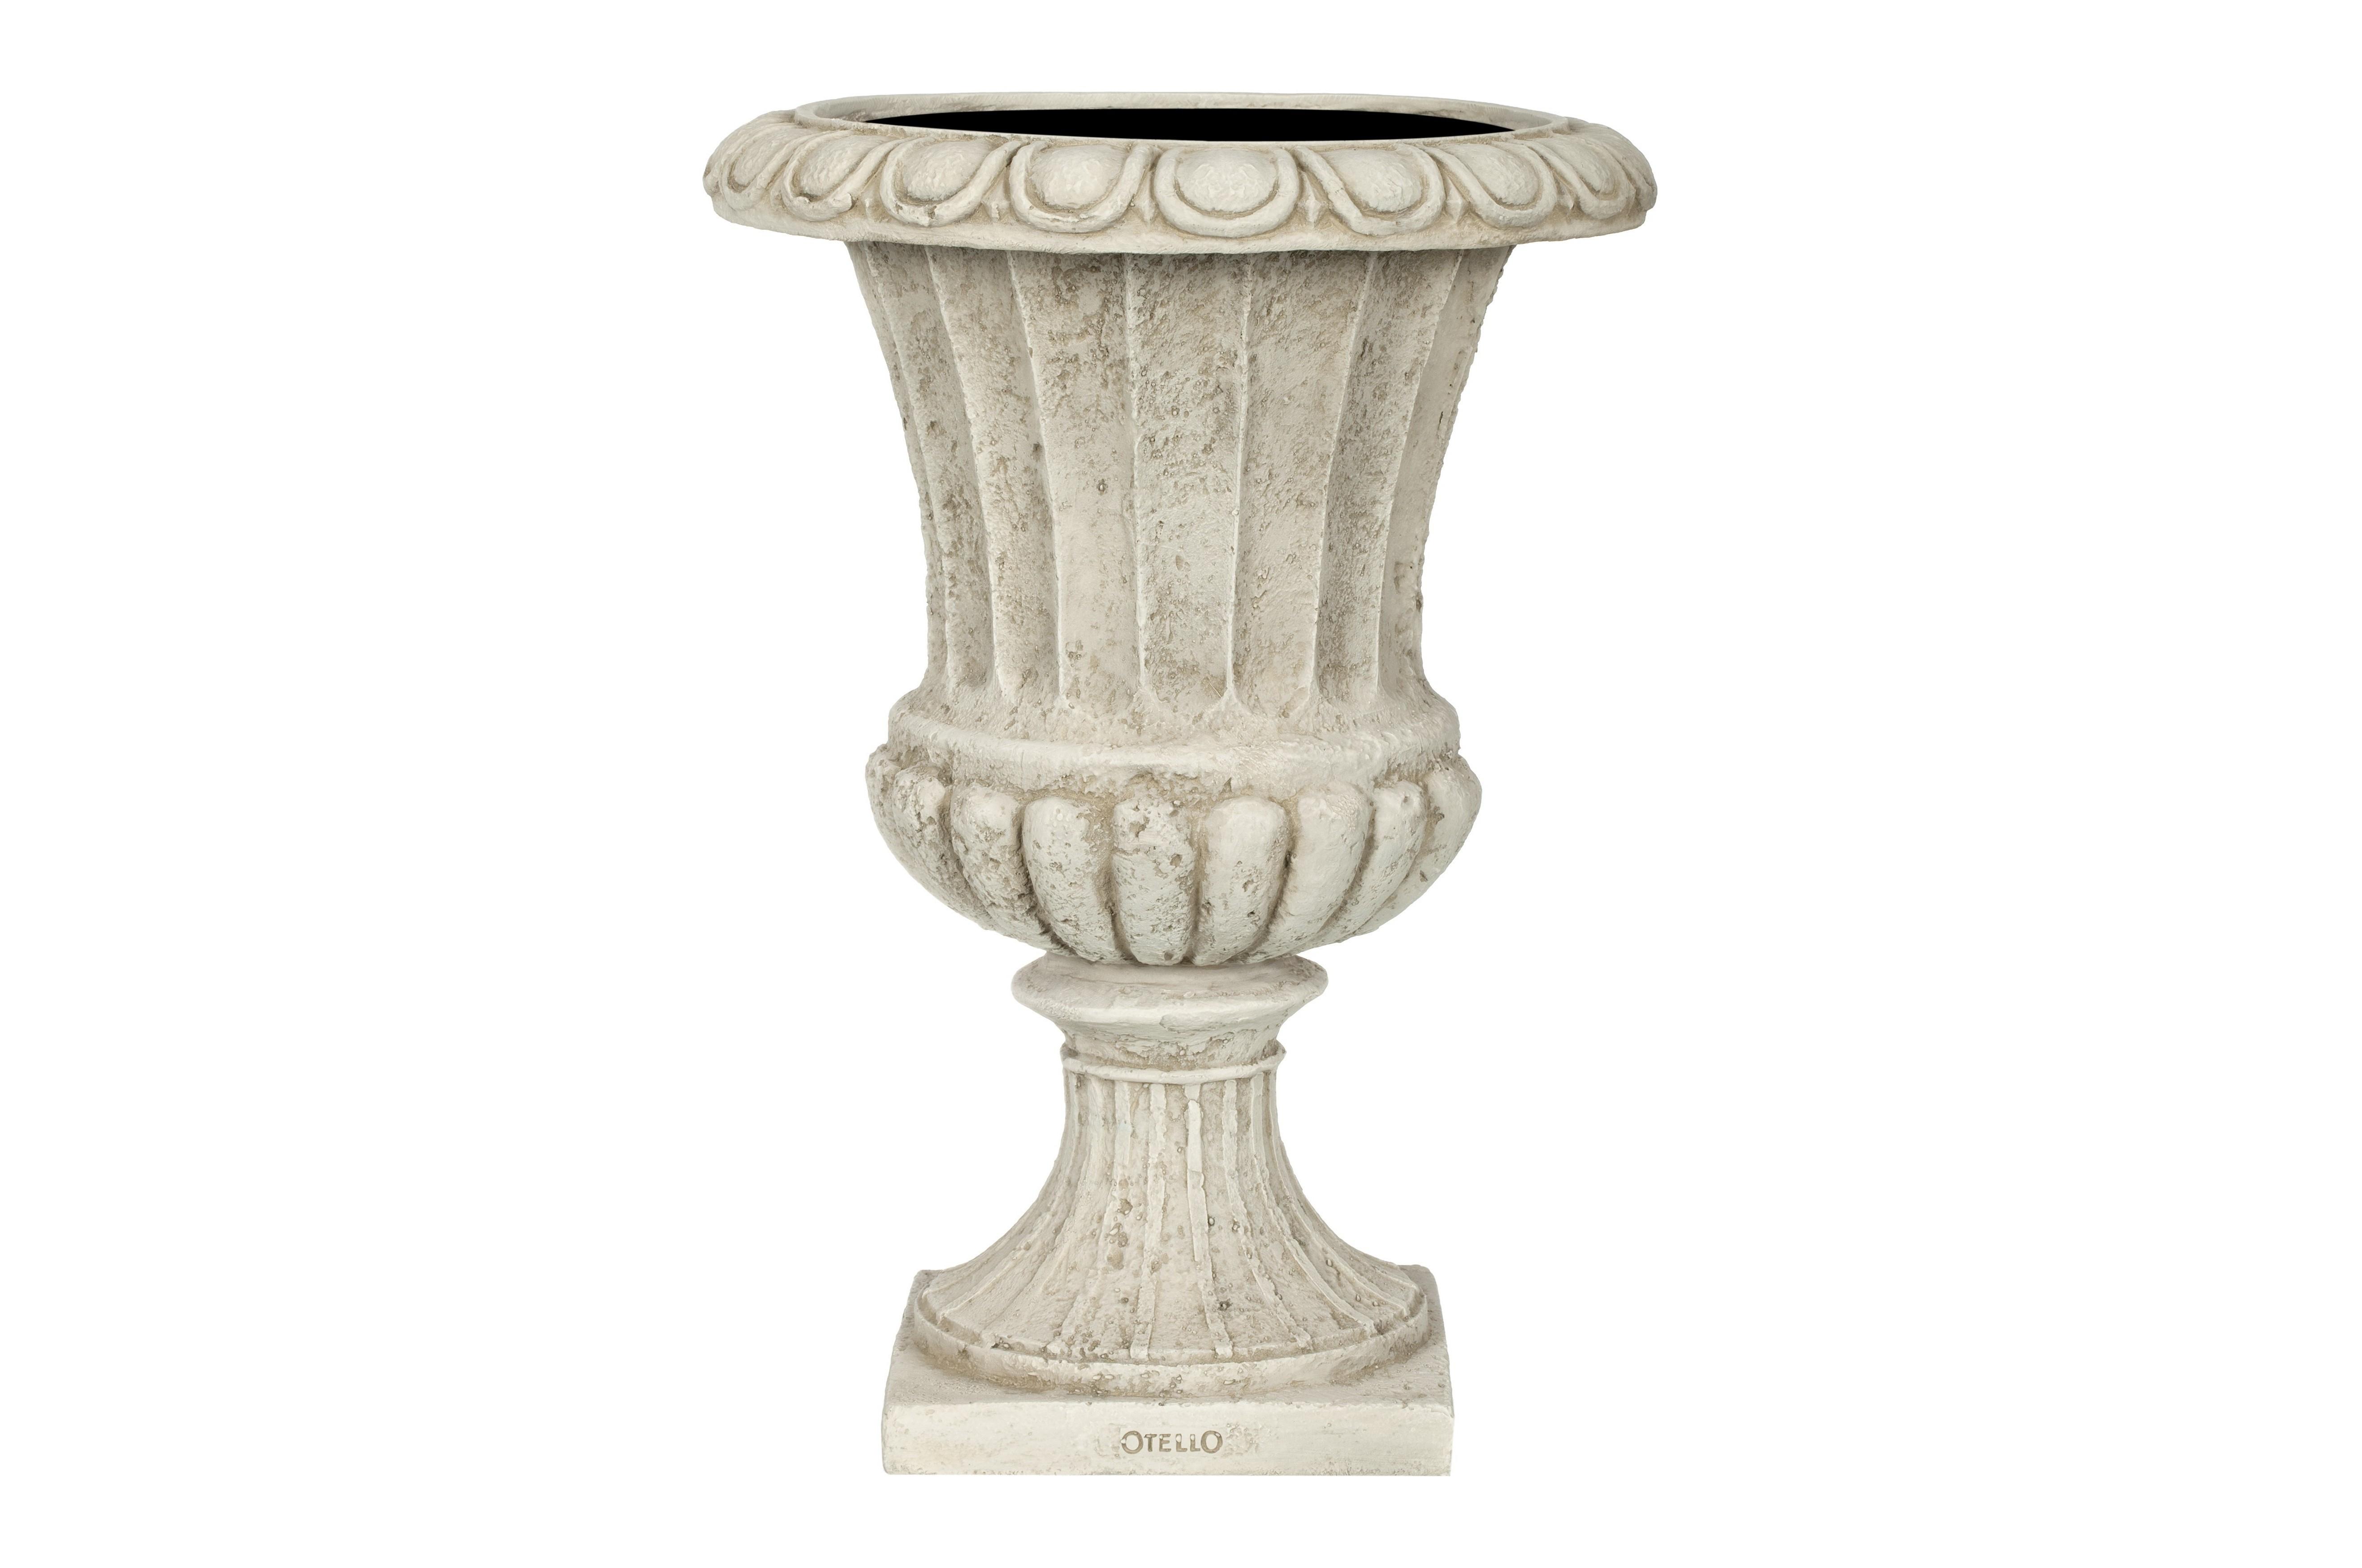 Ваза ГРАССКашпо и подставки для дачи и сада<br>CAPI CLASSIC – это вазы в классическом французском стиле.  Вазы отличаются  декоративной каймой с изысканным цветочным узором.  <br>Коллекцию дополняют пьедесталы, с которыми вазы прекрасно согласуются и величественно выглядят рядом с входной дверью или на классической террасе.  Комплекты из ваз не только позволяют создать  красивую композицию, но и значительно облегчают уход за растениями. С их помощью легко расставить акценты на тропинках, входе в дом или на террасе.<br>Вазы CAPI EUROPE не боятся перепадов температуры и влажности воздуха. Все вазы могут быть использованы в доме и на улице круглый год. На дне каждой вазы есть дренажное отверстие, что позволит уберечь  вазу в морозы.<br><br>Material: Полистоун<br>Высота см: 30